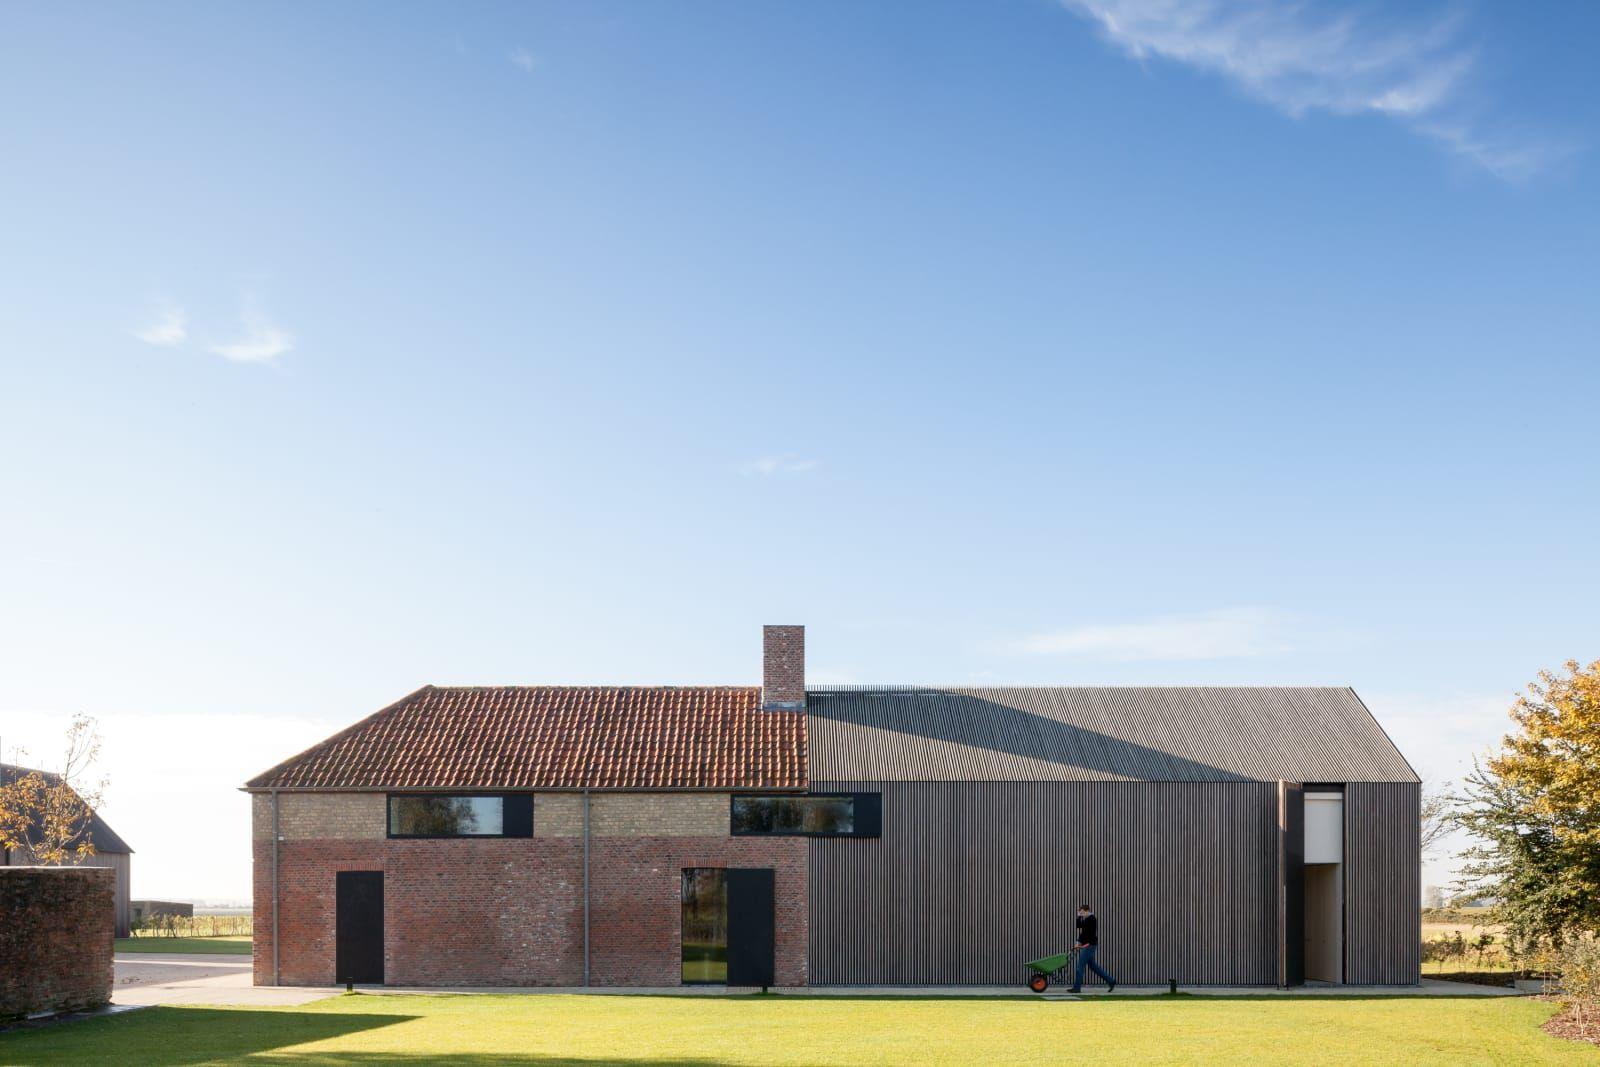 Govaert & Vanhoutte, Tim Van de Velde · Residence DBB | 1:100 | Remodeling House | Countryside | Flat Land | Open Space | gabled House |